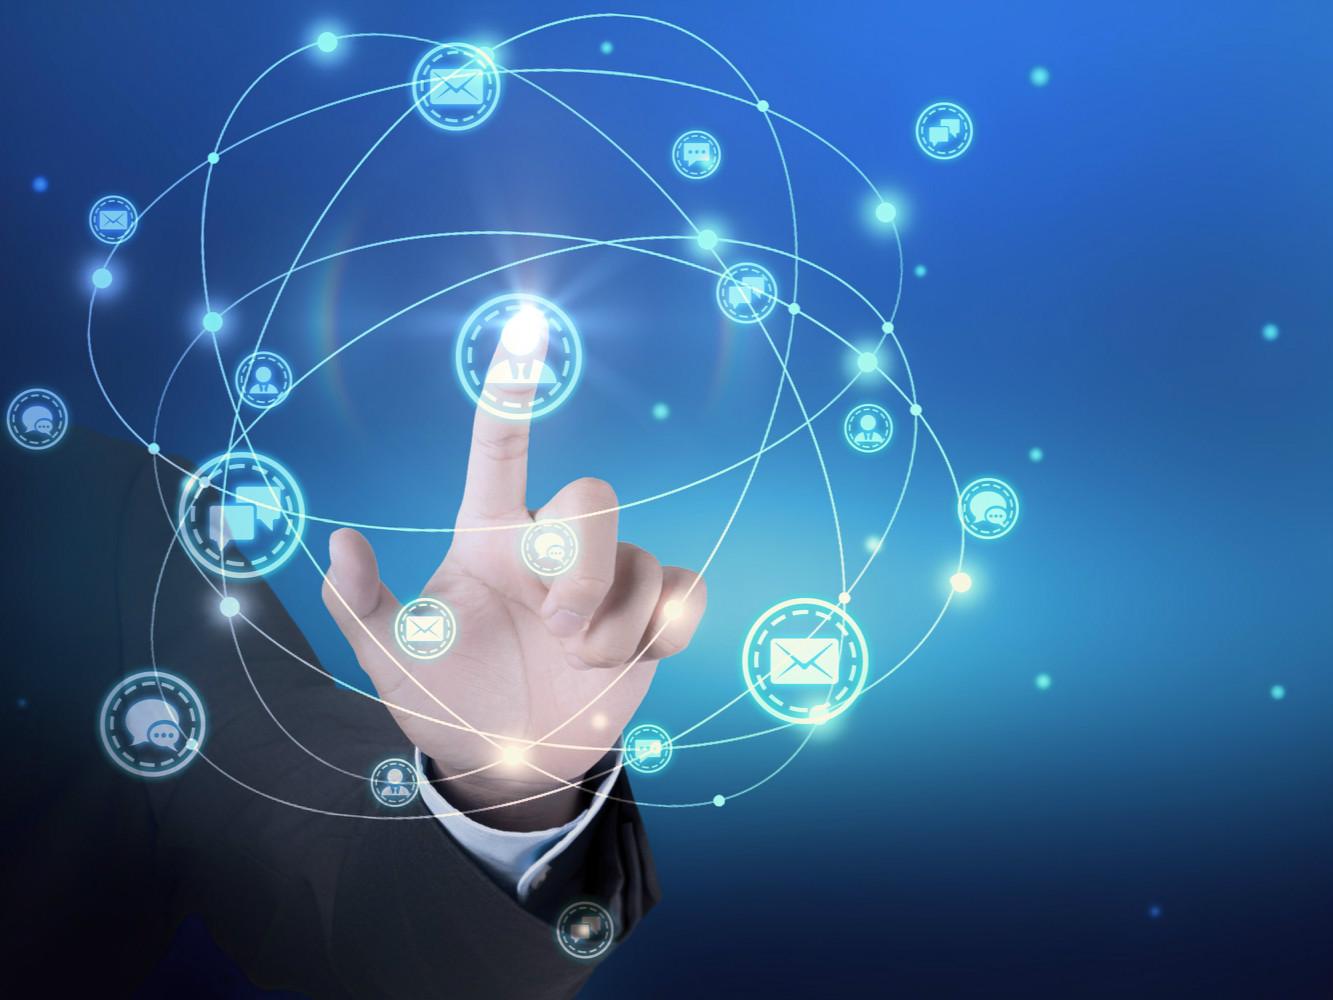 企业和个人如何保护数据信息安全?